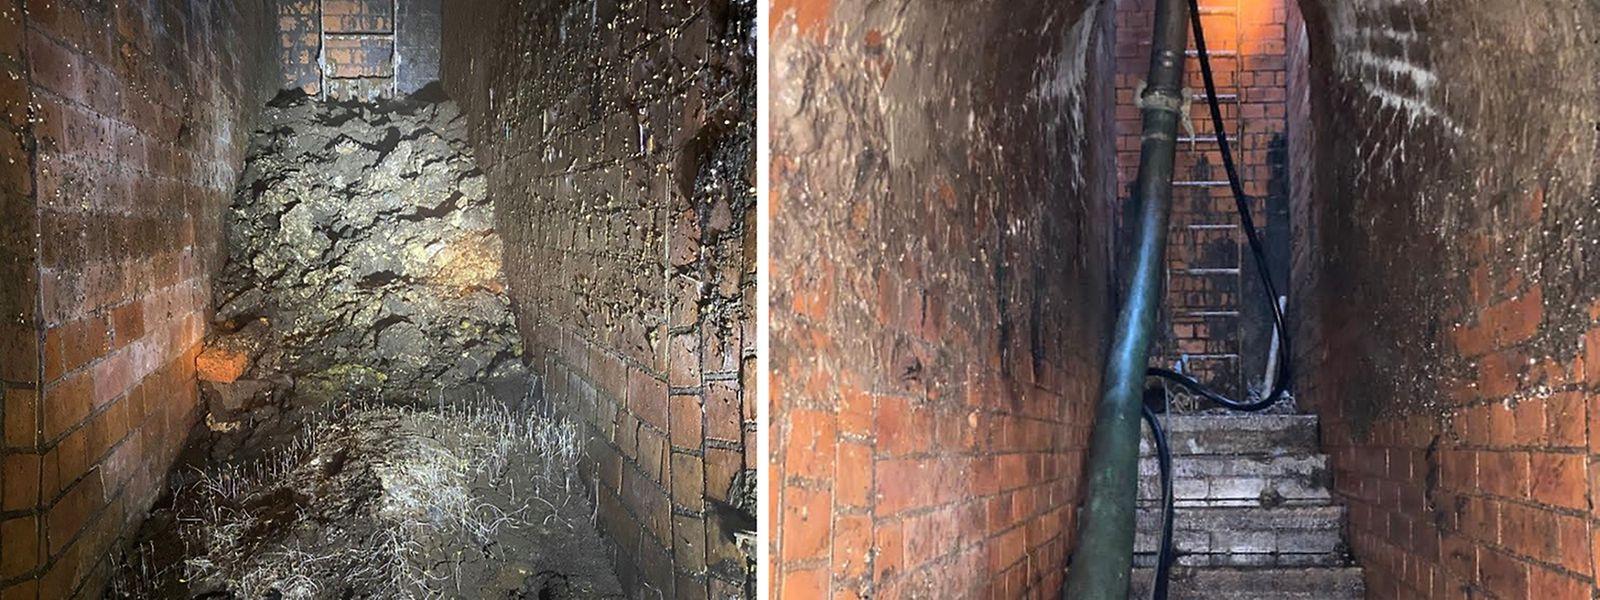 Die Handout-Bildkombo, herausgegeben von Thames Water, zeigt einen Tunnel der Kanalisation unter der Yabsley Street, Canary Wharf, vor (l) und nach der Entfernung eines Fettberges.